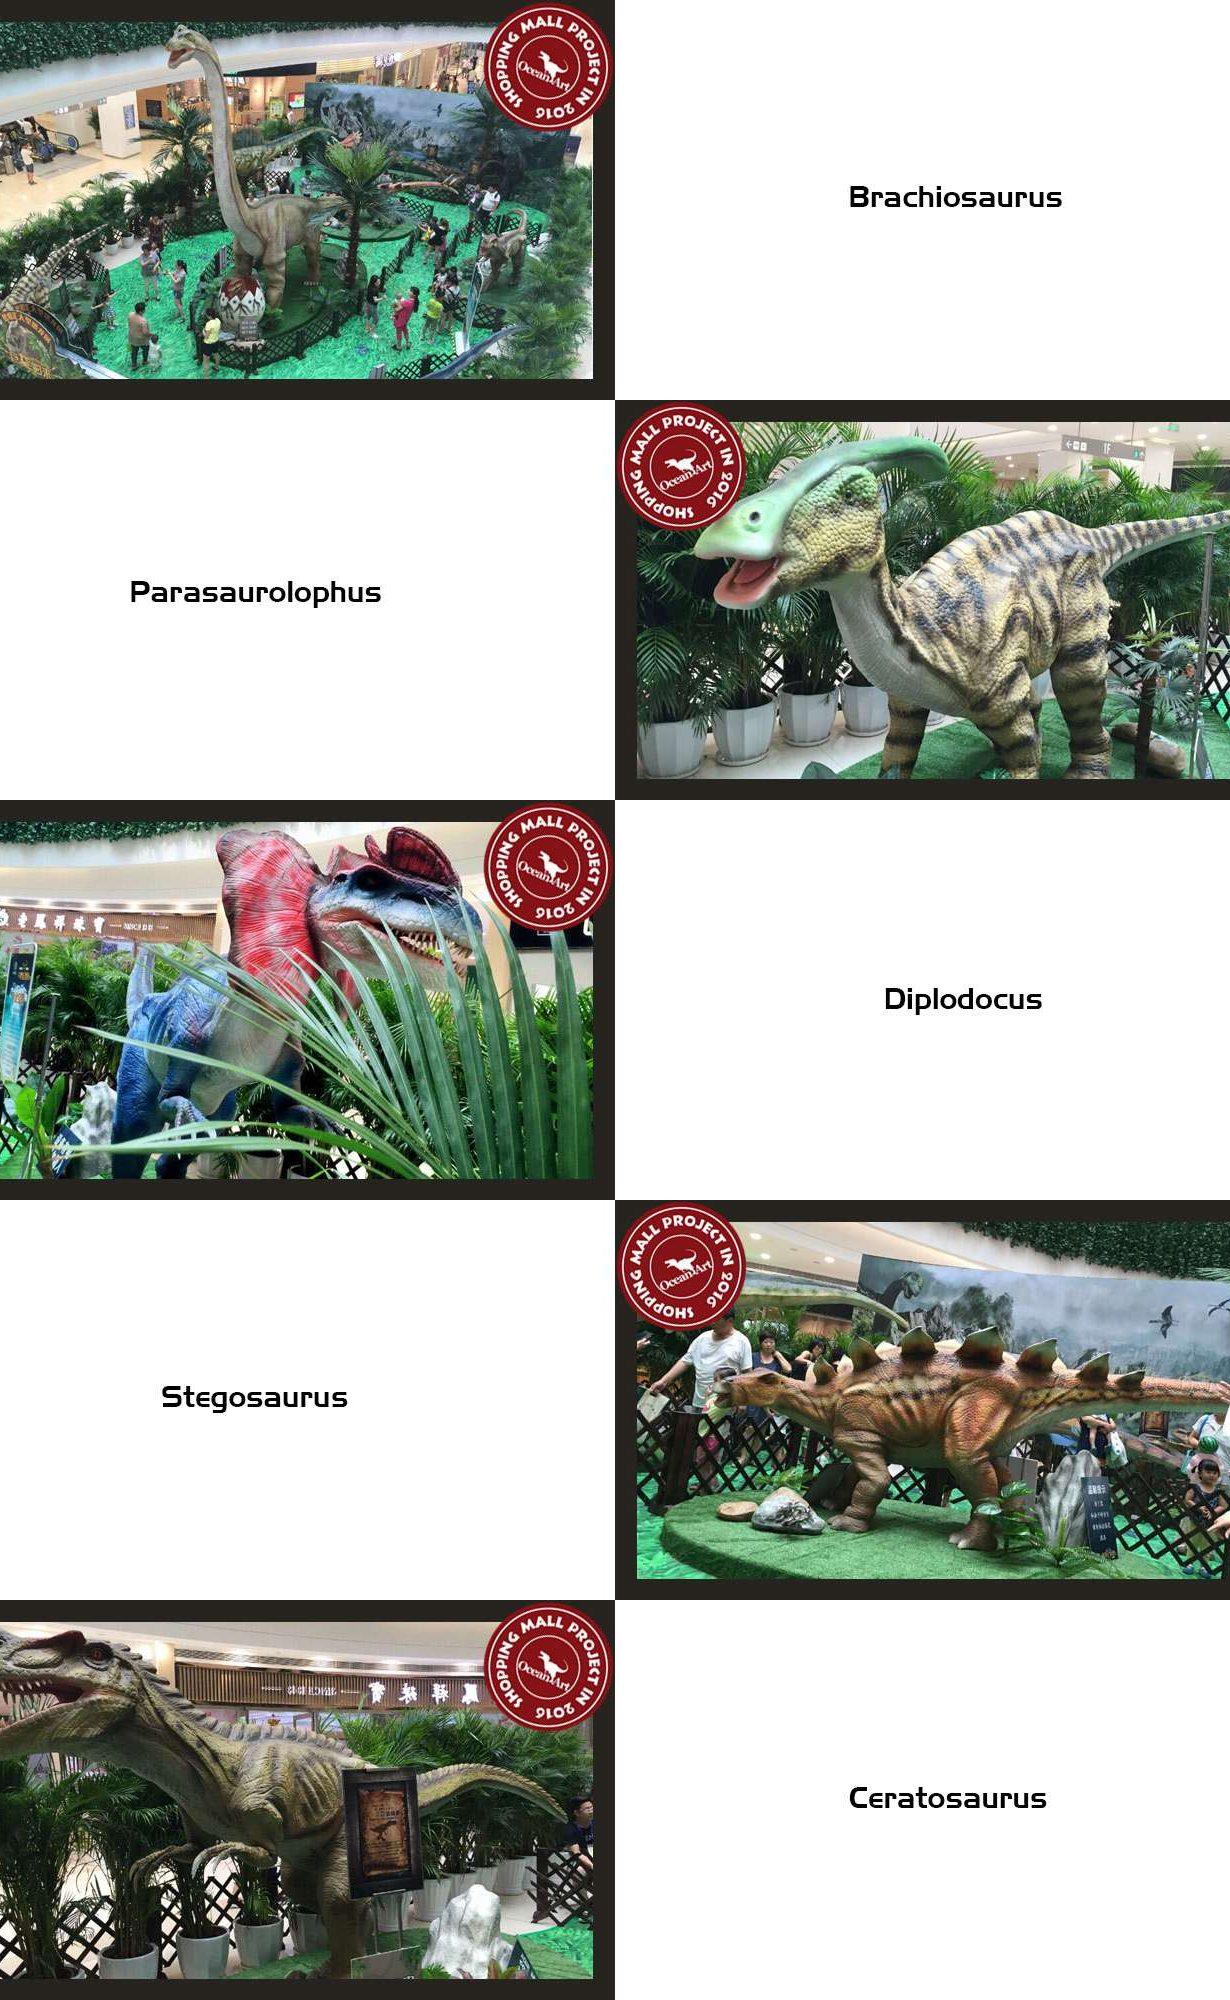 dinosaur_shop_mall_2